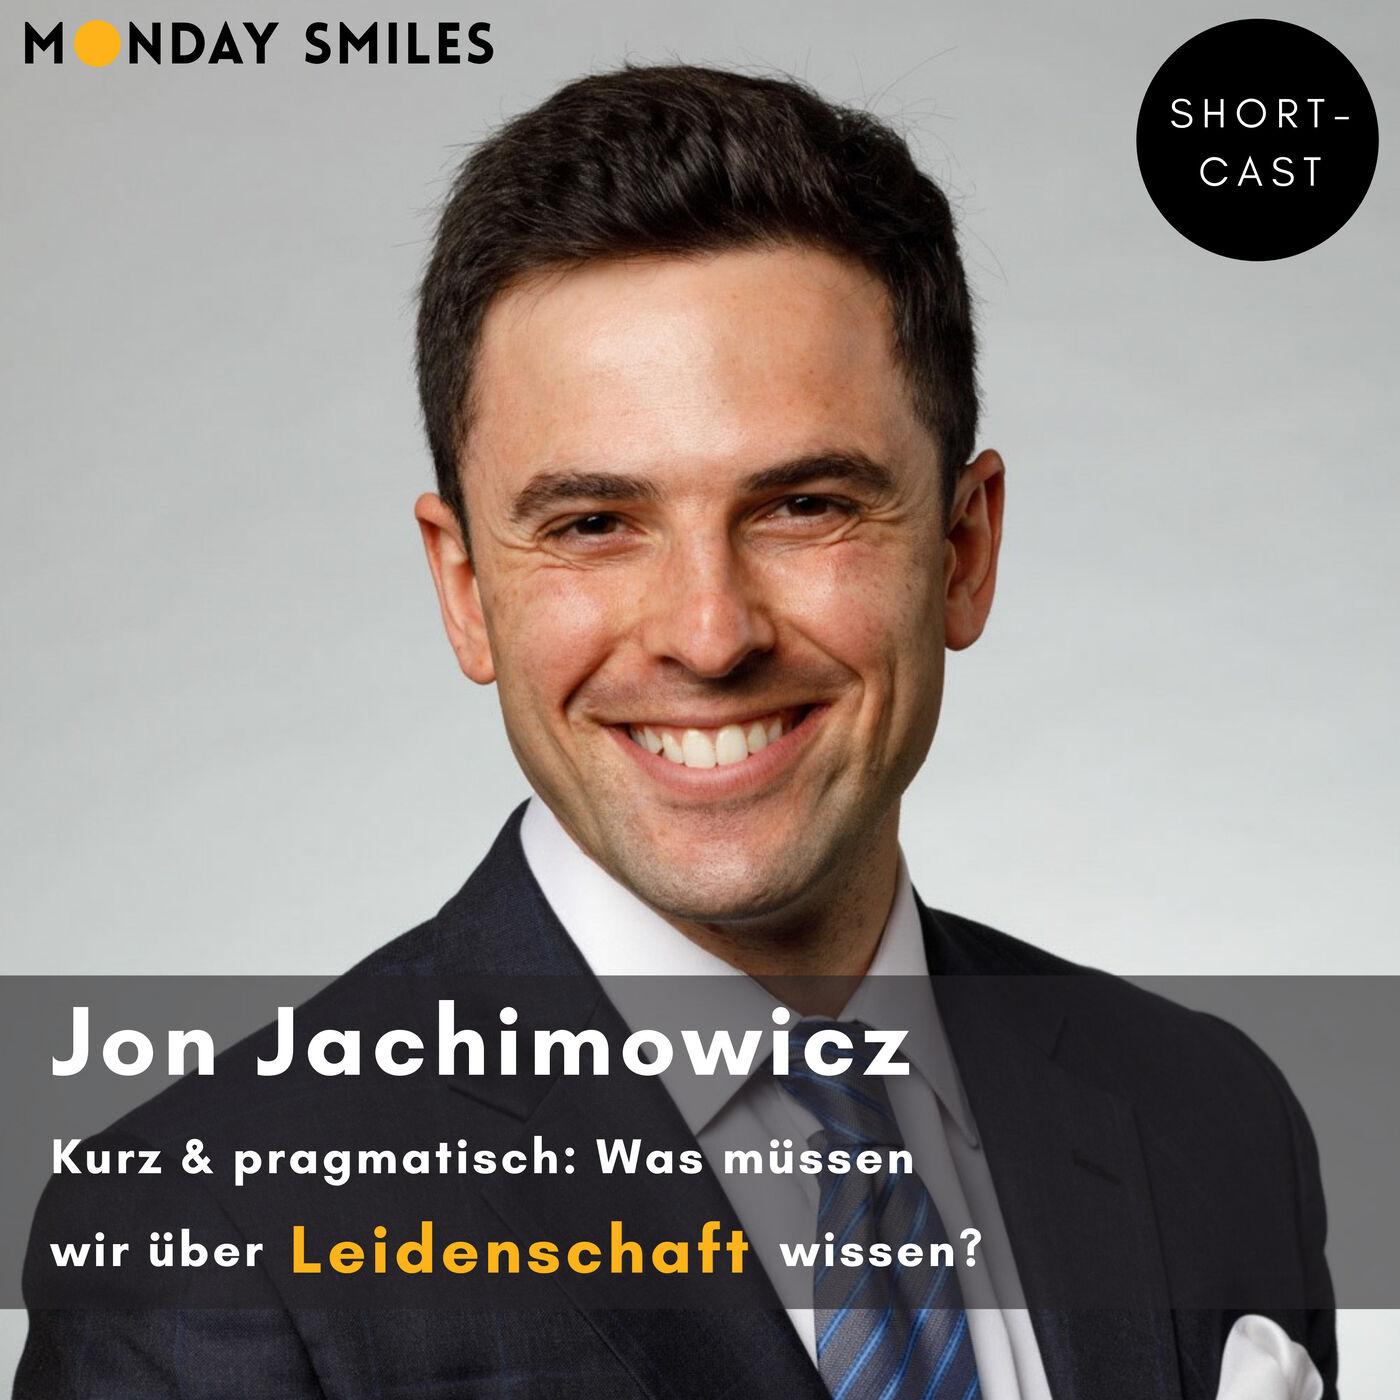 03 - Shortcast: Jon, was müssen wir über Leidenschaft wissen?